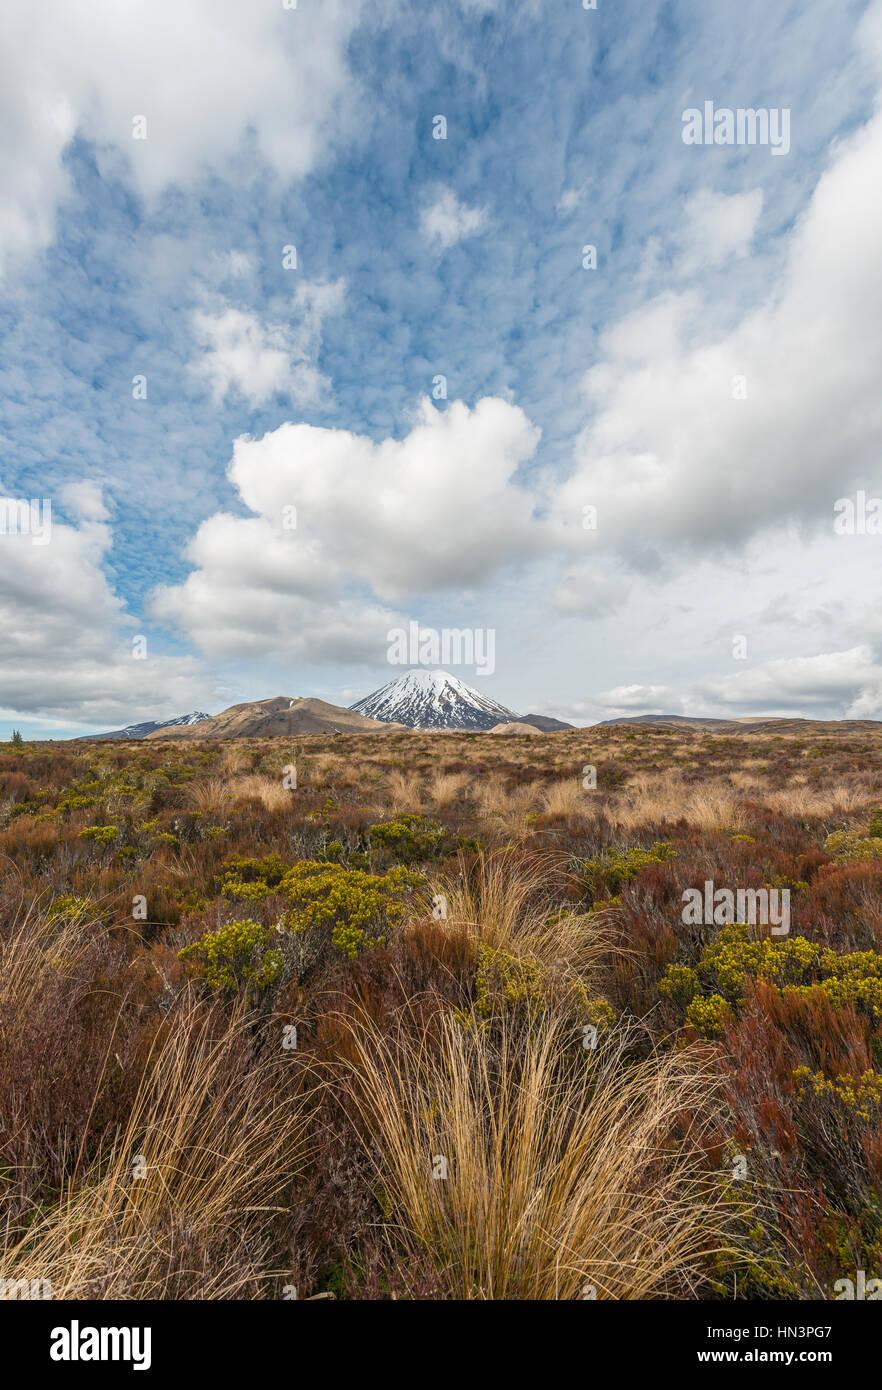 Volcano Mount Tongariro and Mount Ngauruhoe, Tongariro National Park, Southland, New Zealand - Stock Image